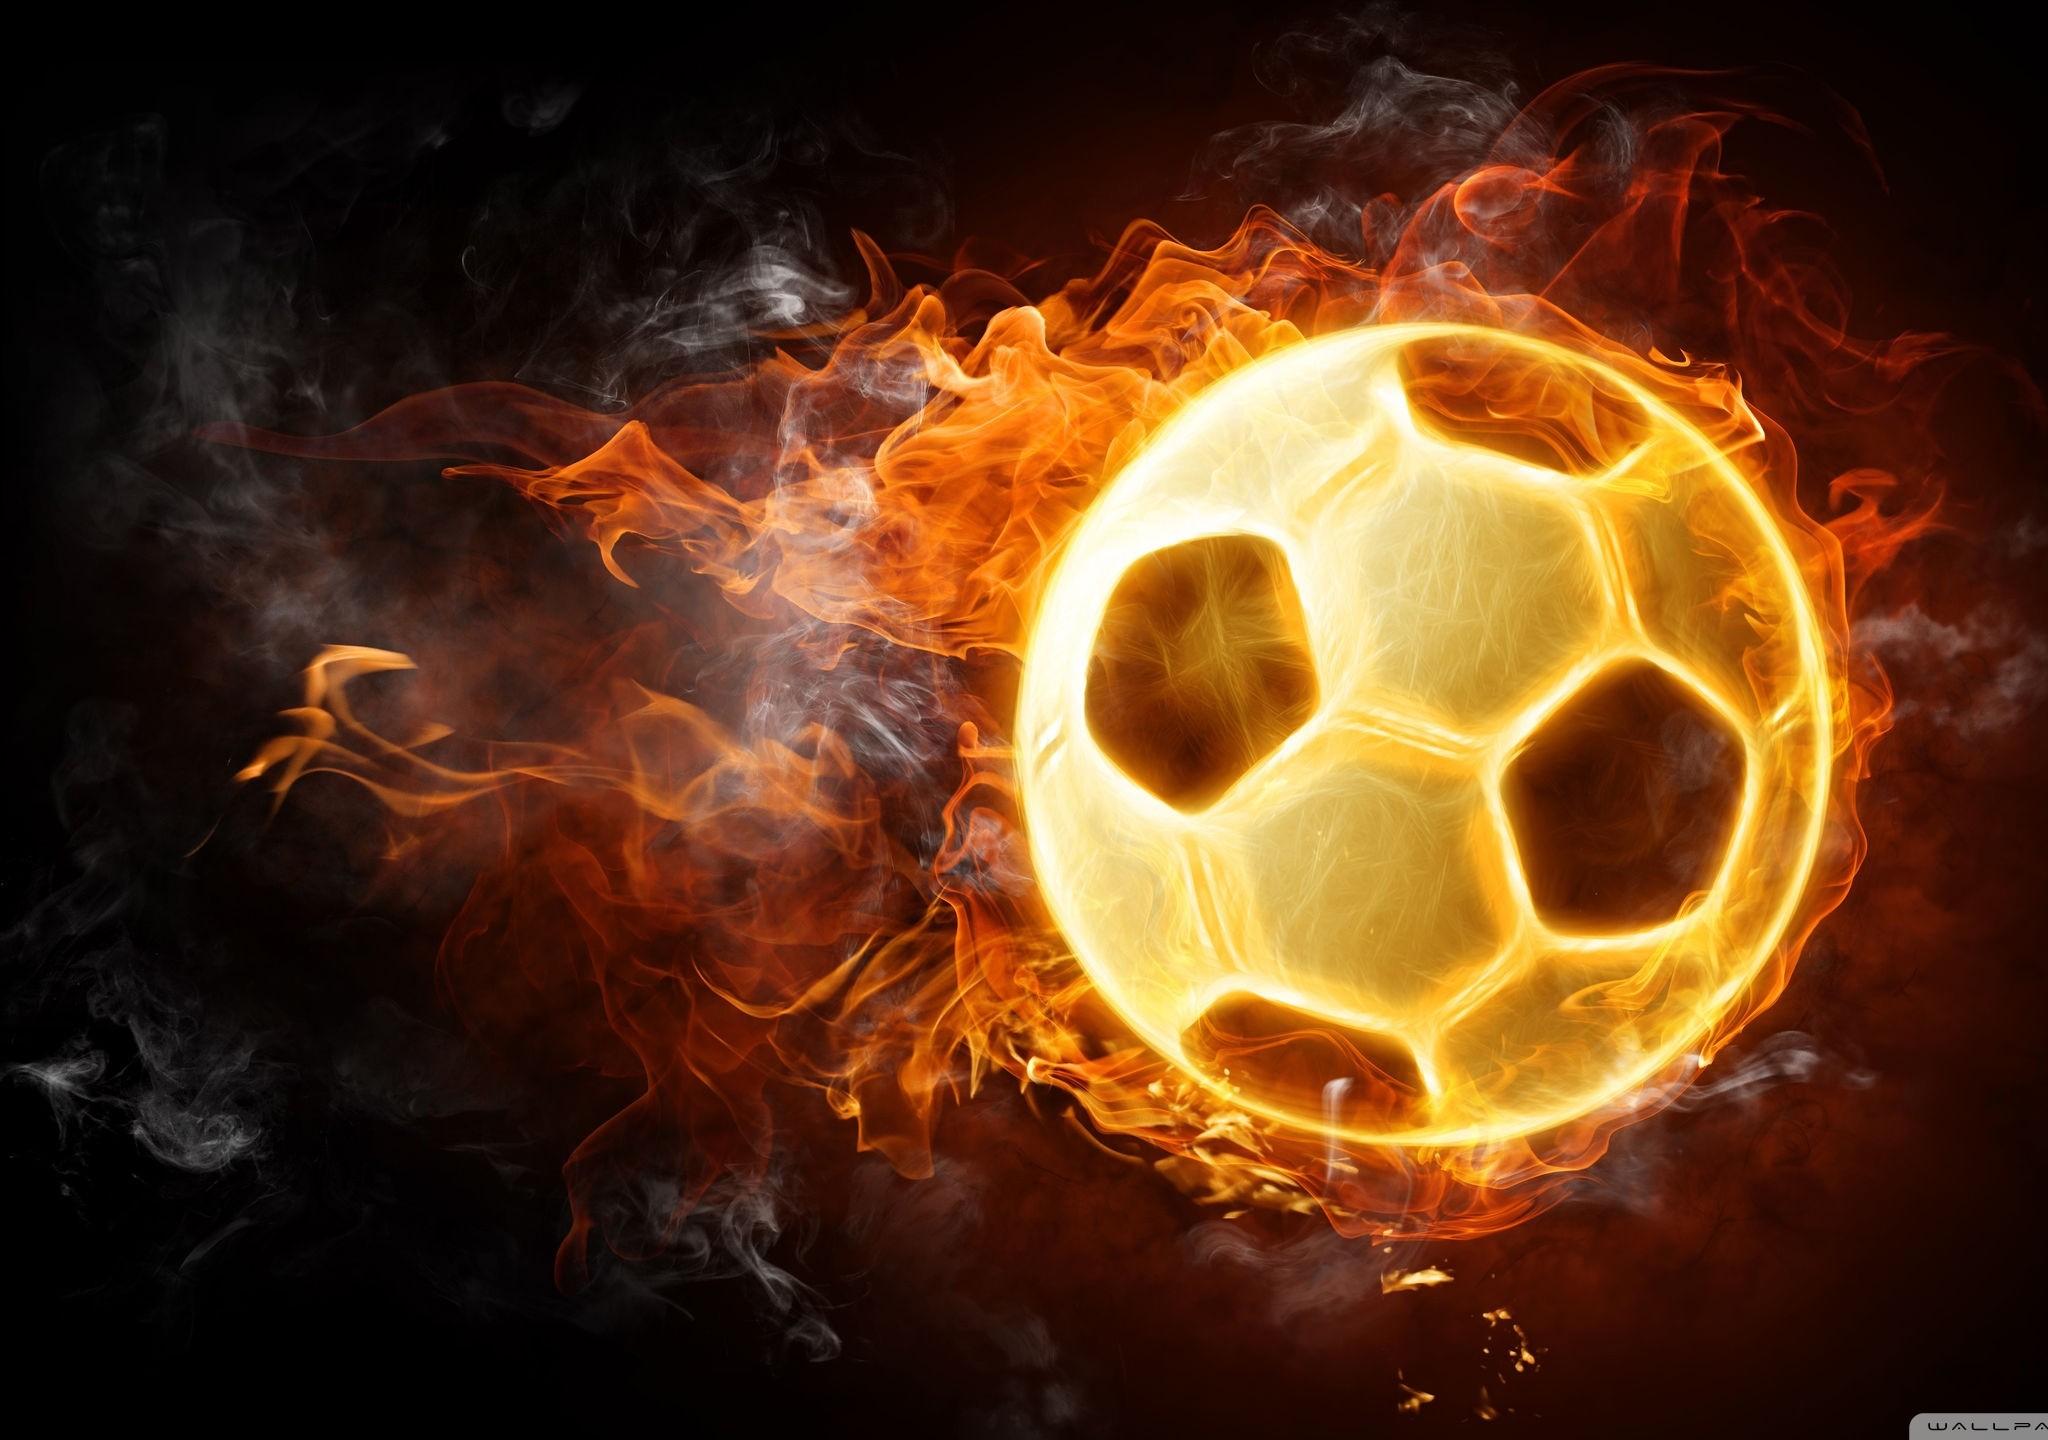 football 3 wallpaper 25601440 Copy 2048x1440